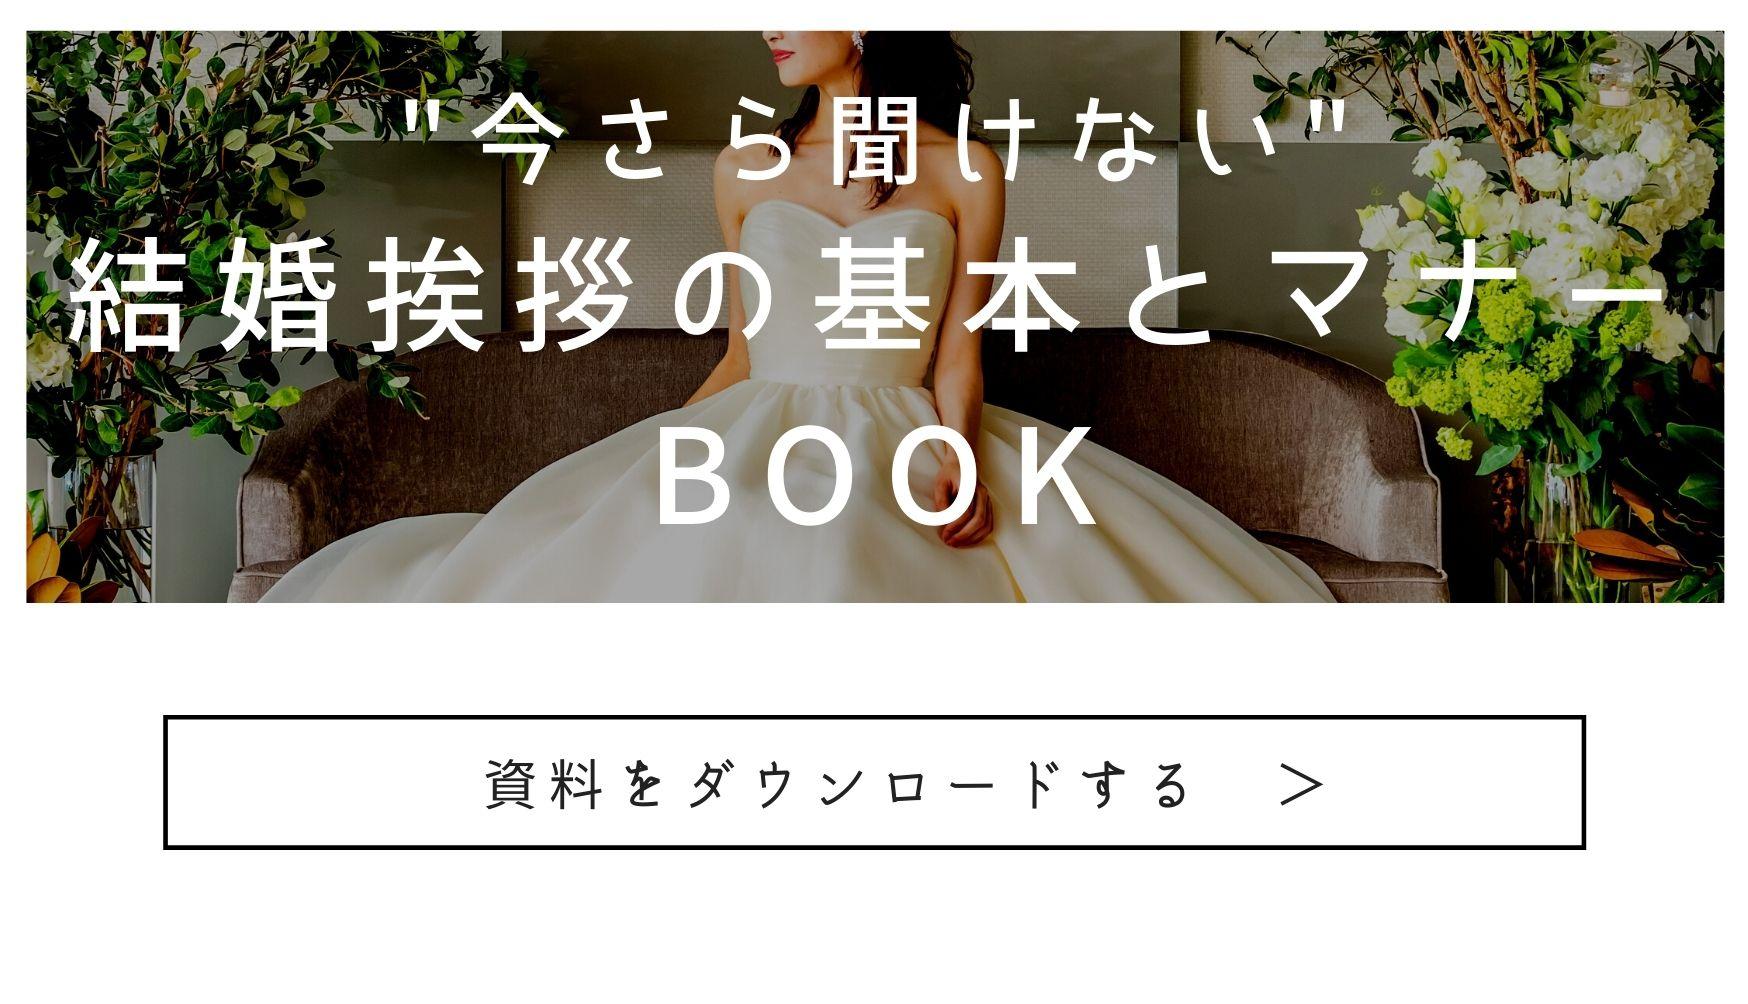 """▼「""""今さら聞けない""""結婚挨拶の基本とマナーBOOK」の無料ダウンロードはこちら"""